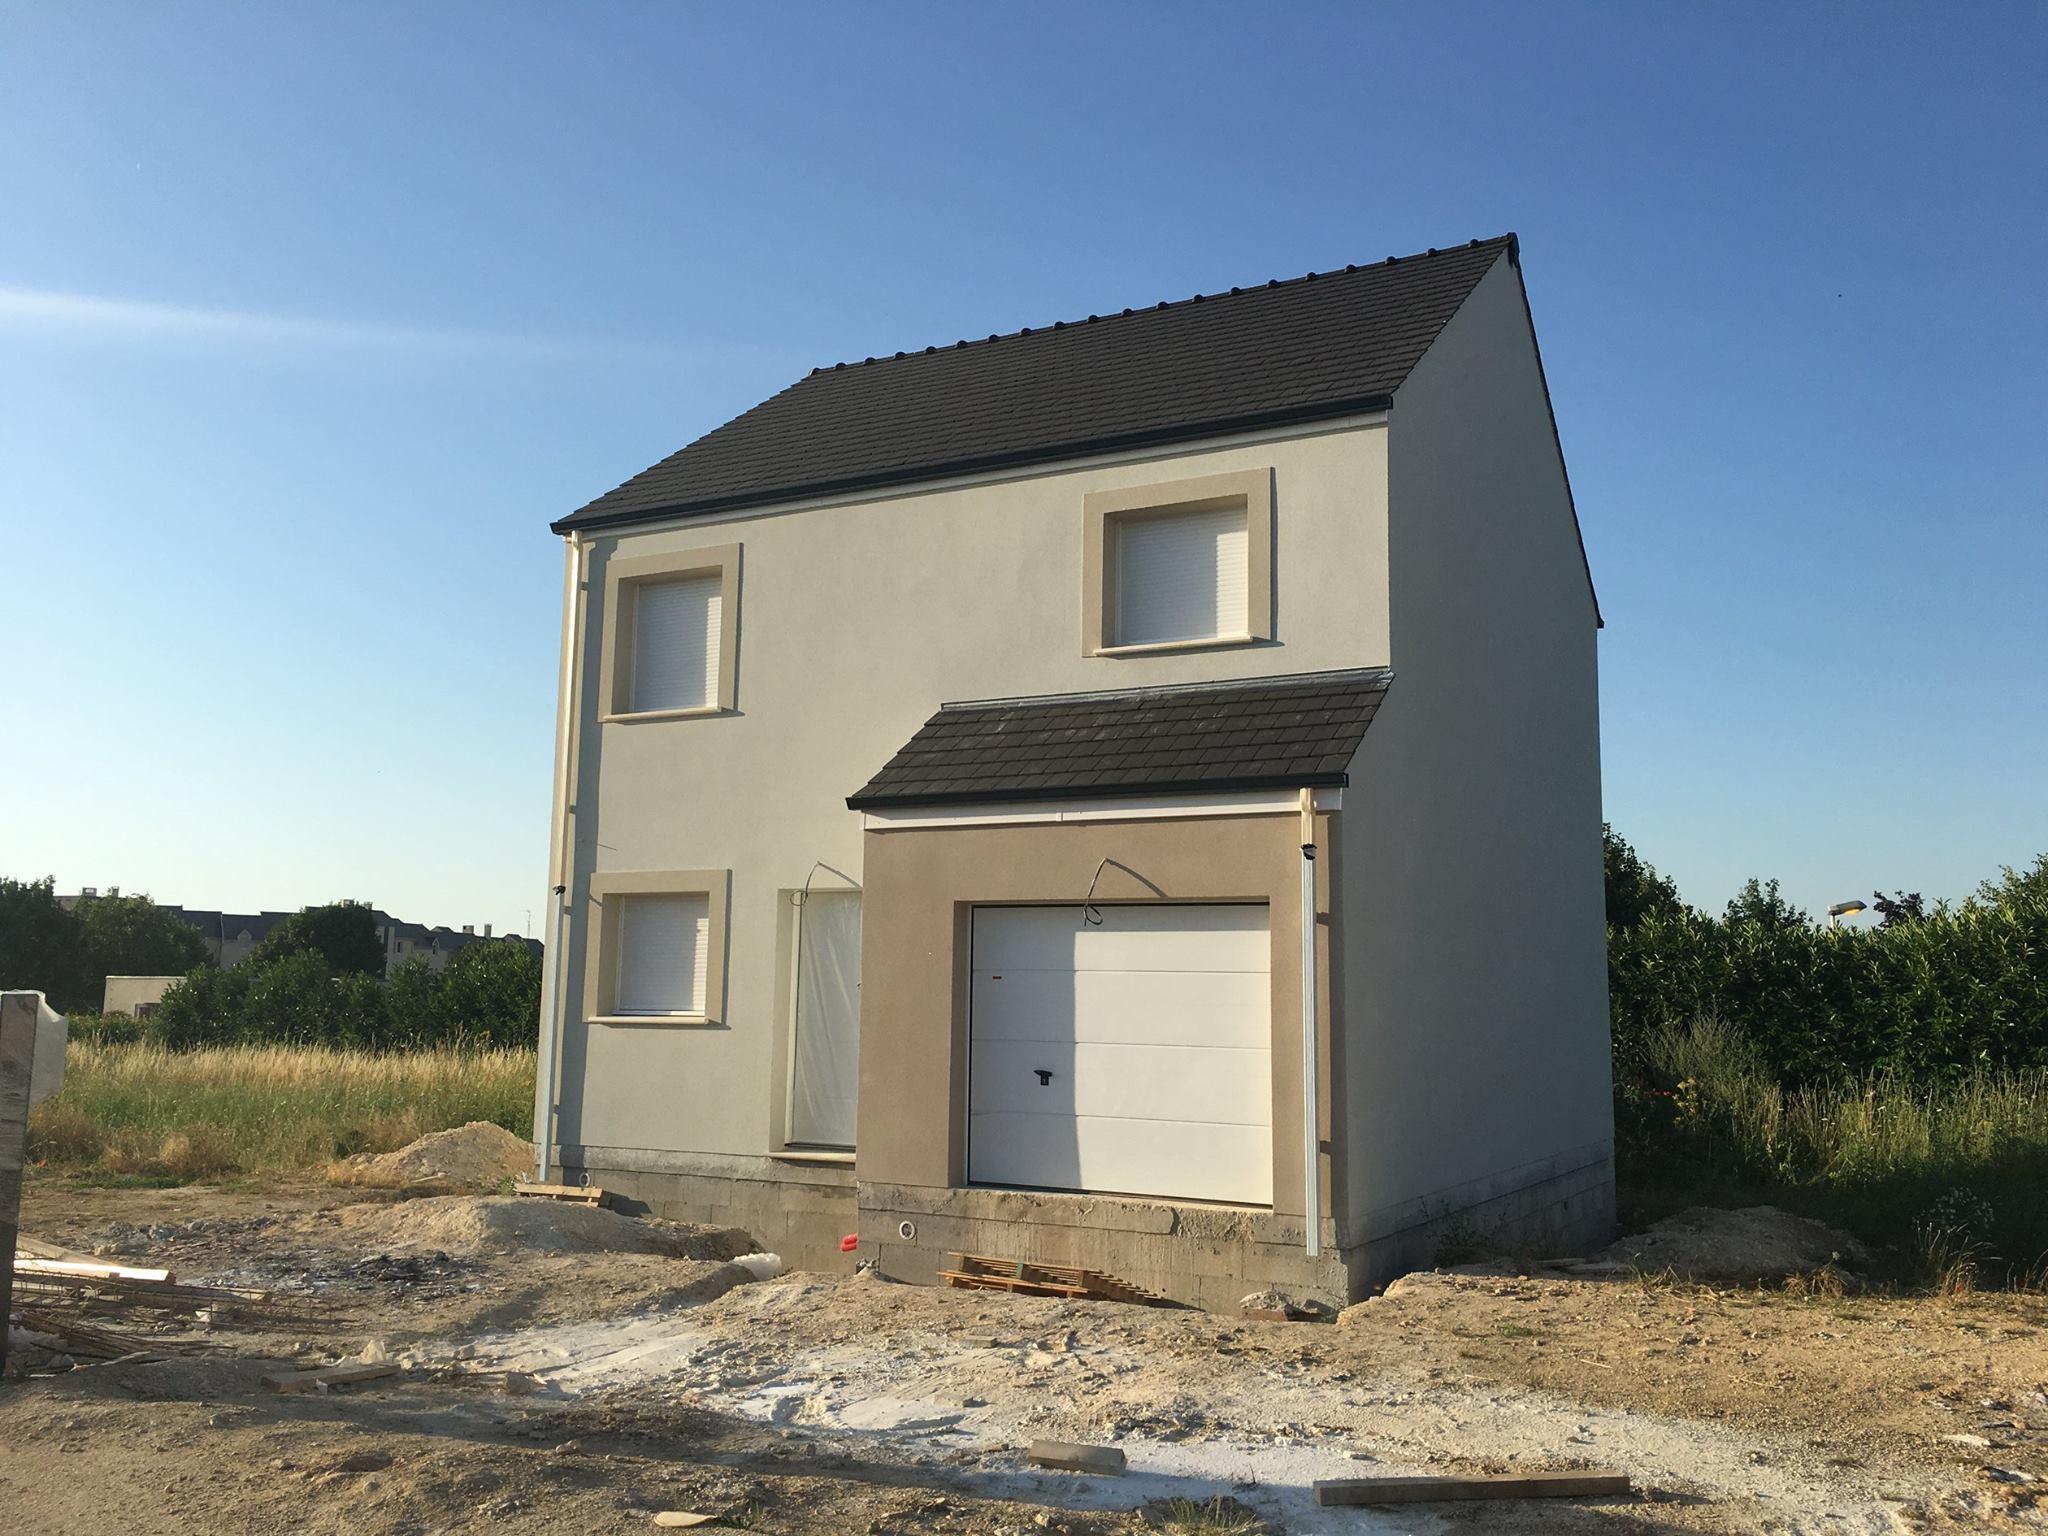 Maison + terrain à VERT-SAINT-DENIS 77240 dans la SEINE-ET-MARNE